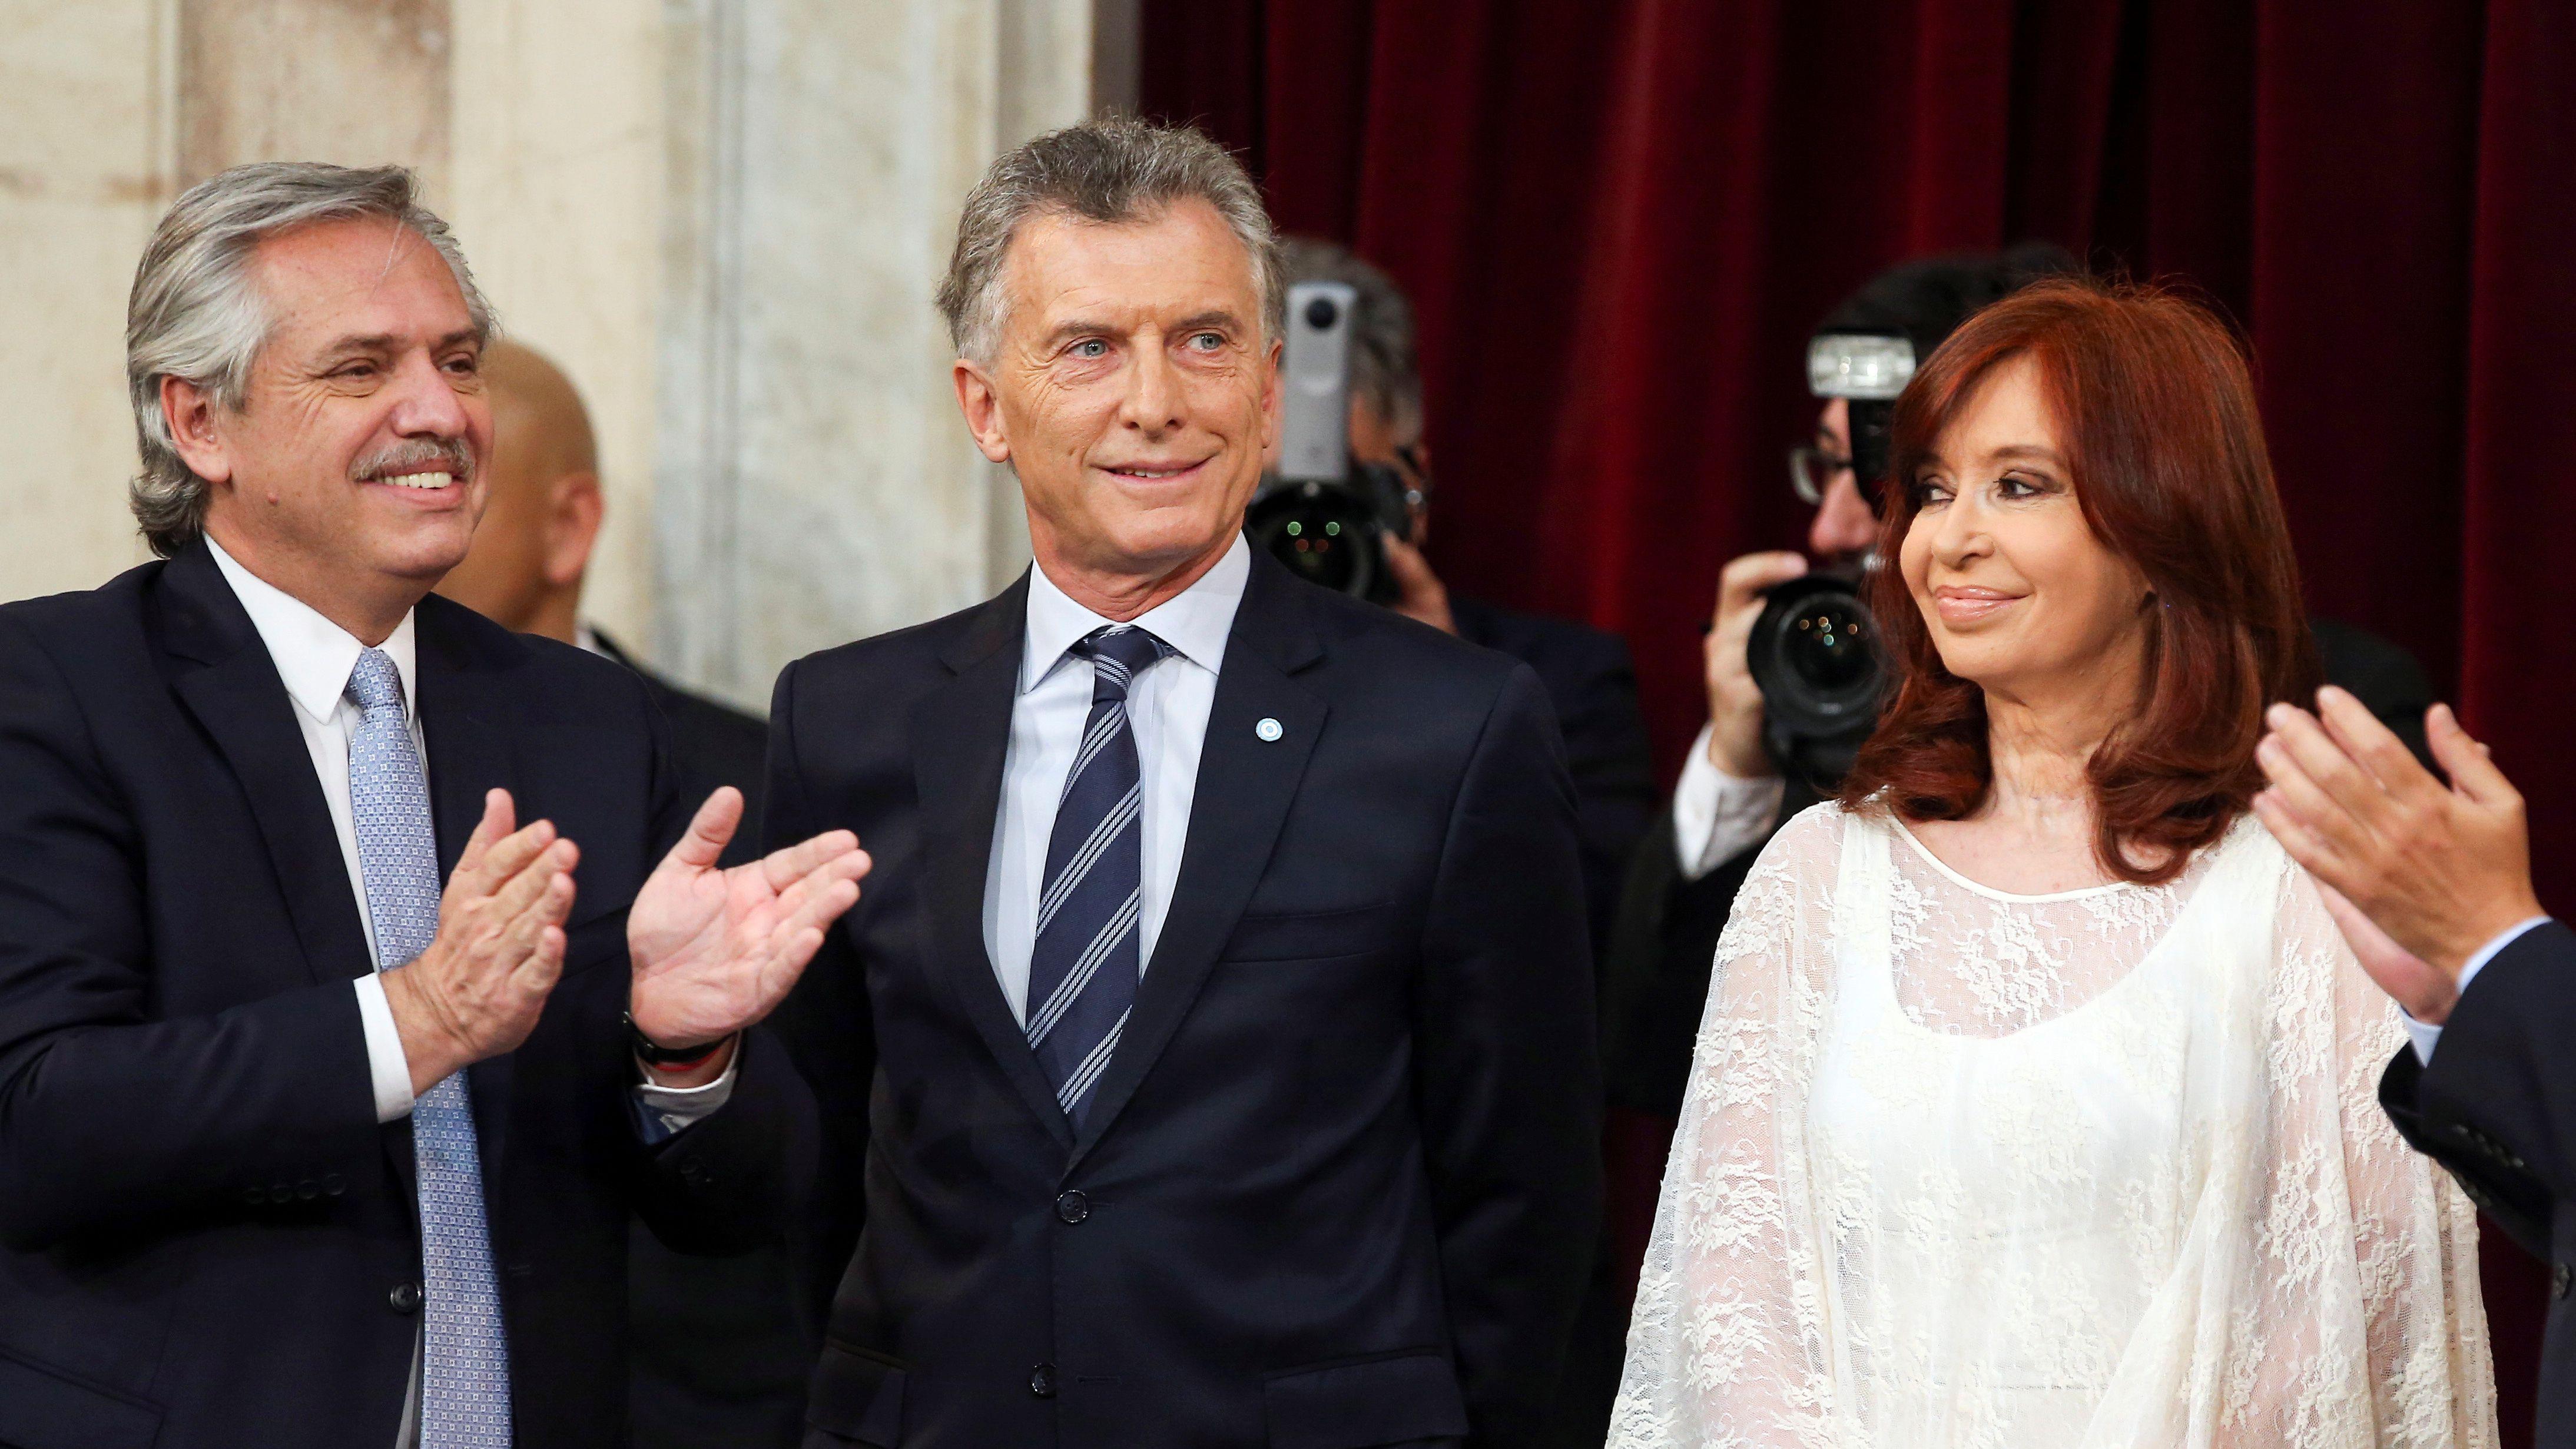 Morales coincidió con la mirada de Emilio Monzó, quien señaló que Mauricio Macri y Cristina Kirchner tienen que ser una etapa superada en la política nacional (REUTERS/Agustin Marcarian)